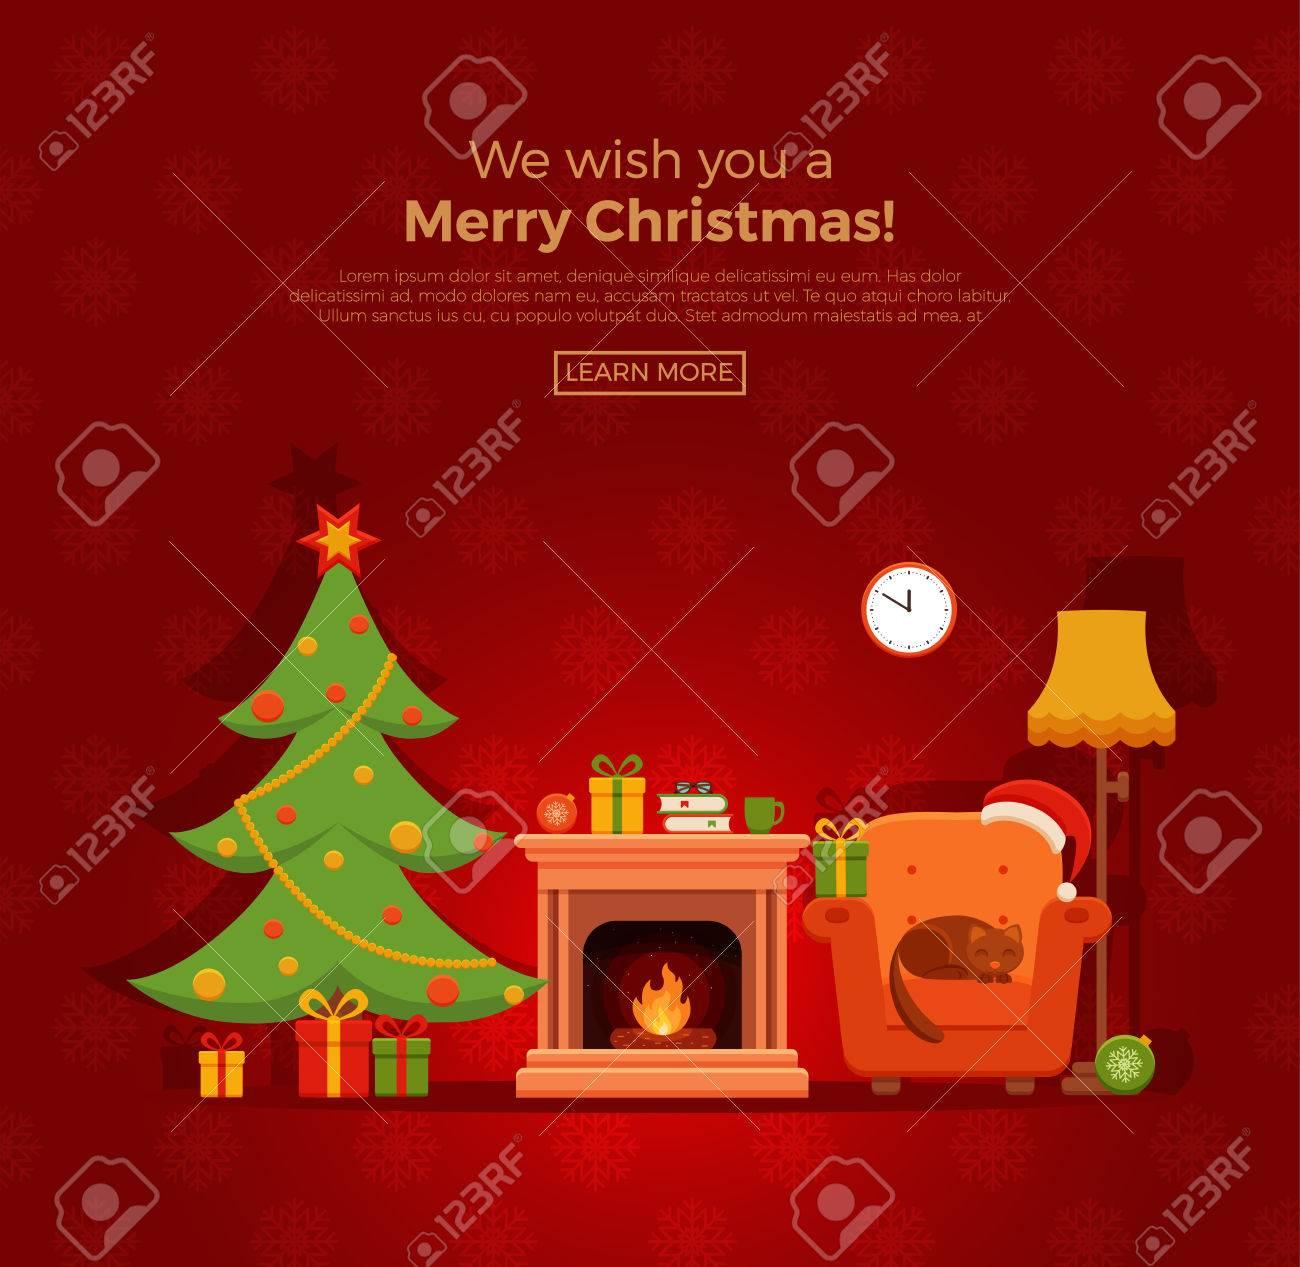 Dibujos Chimeneas De Navidad.Navidad Sala De La Chimenea Interior En El Estilo De Dibujos Animados De Colores Planos Arbol De Navidad Regalos Decoracion Sillon Chimenea El